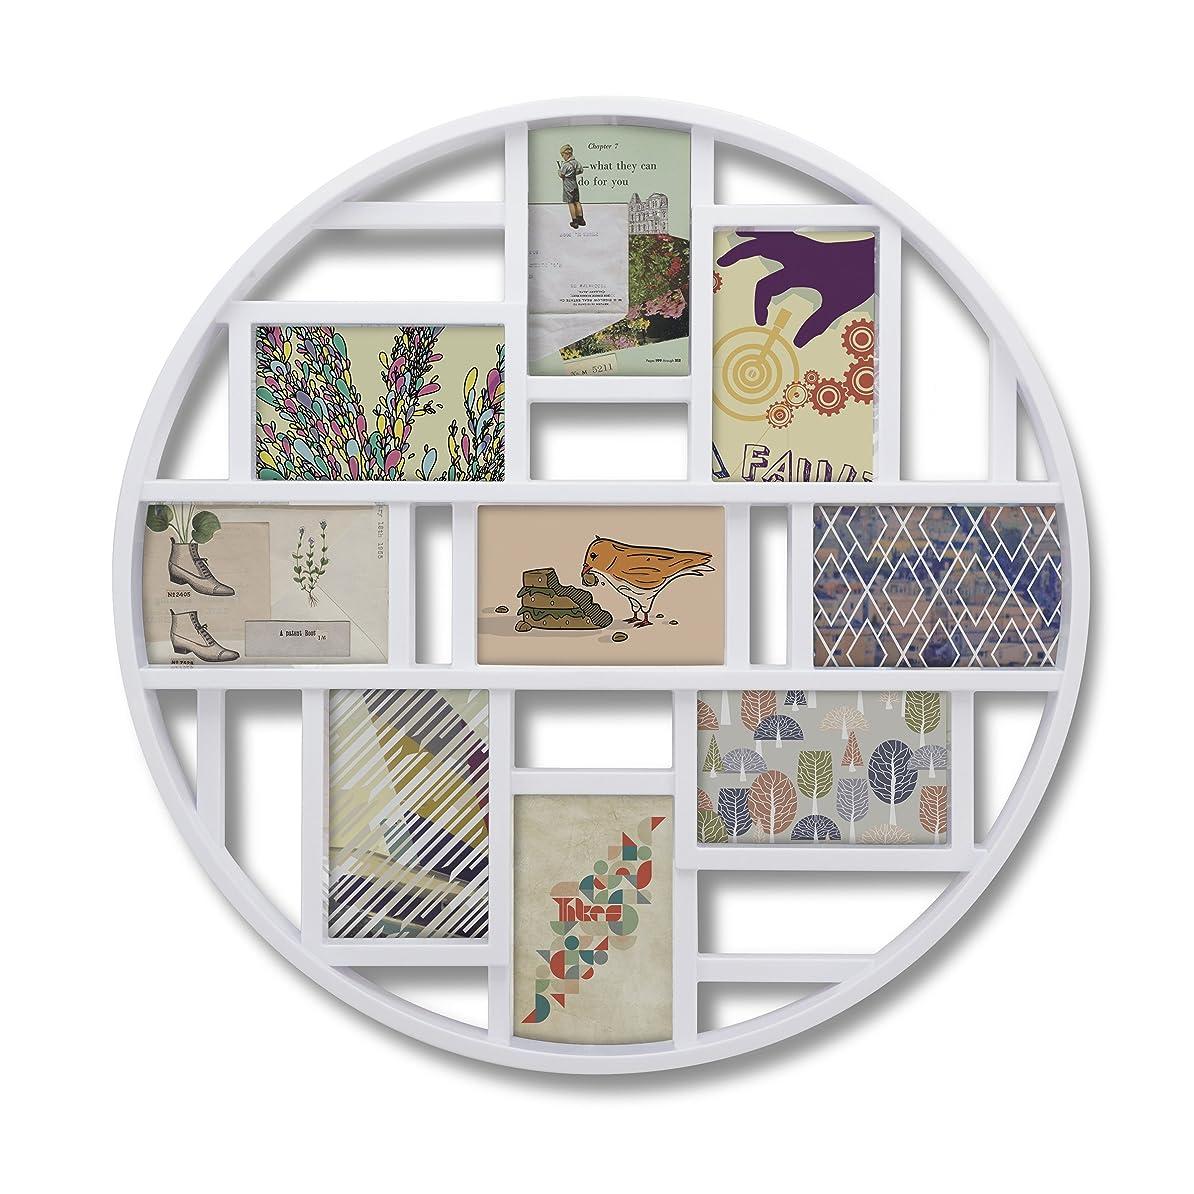 効率的対人ランドリーumbra 壁掛けフォトフレーム LUNA FRAME ART(ルナウォールフレーム アート) ホワイト 2311120-660